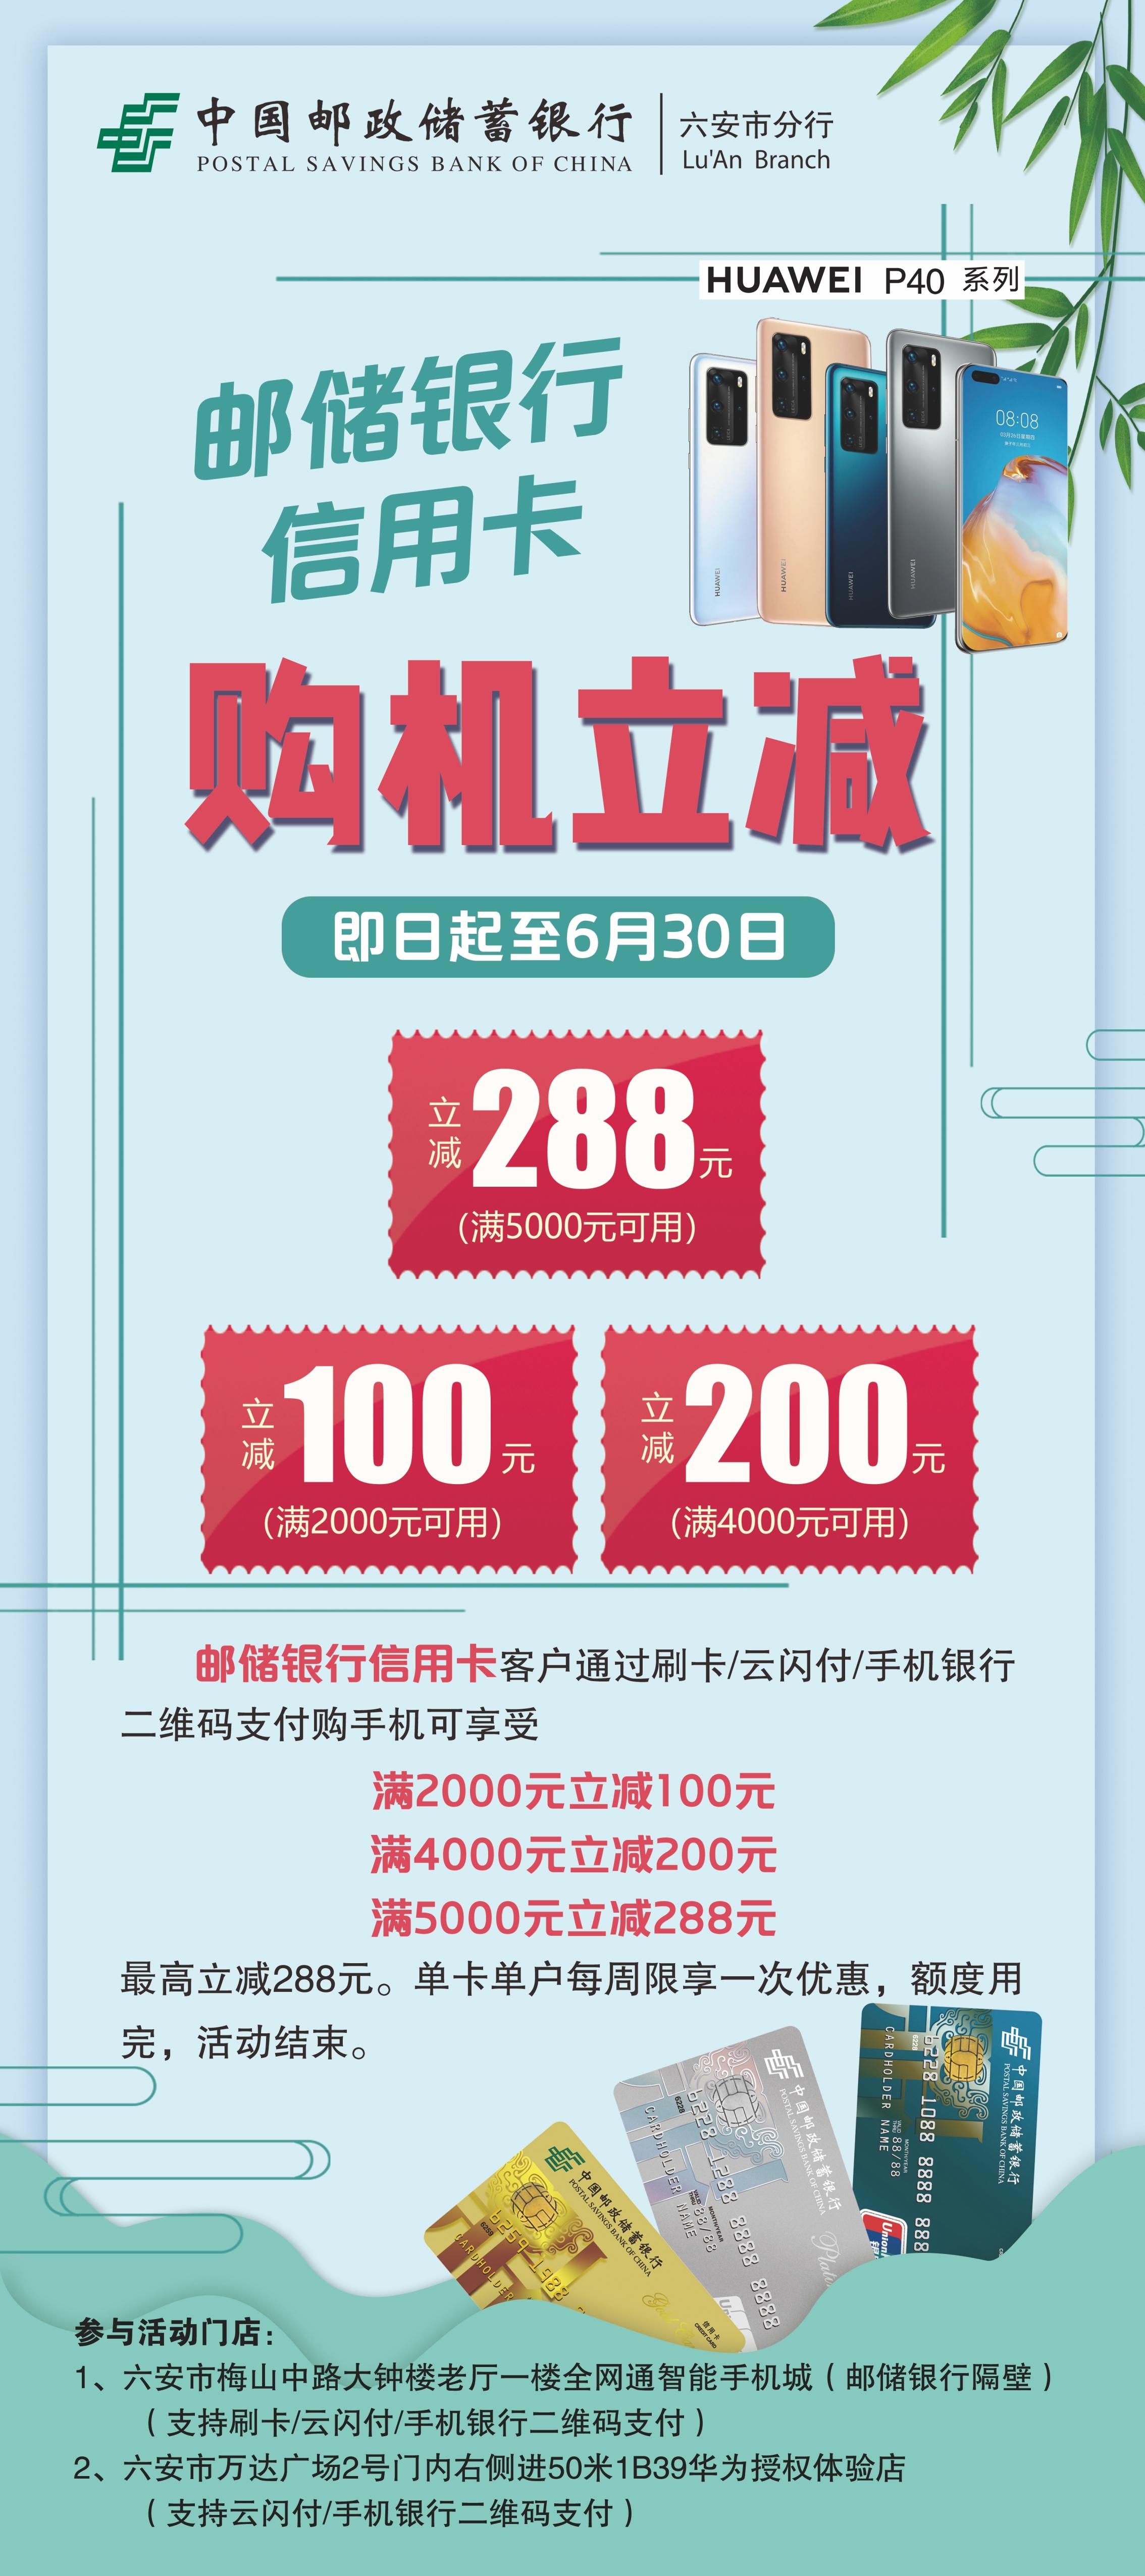 3:邮储信用卡购手机最高立减288元.jpg